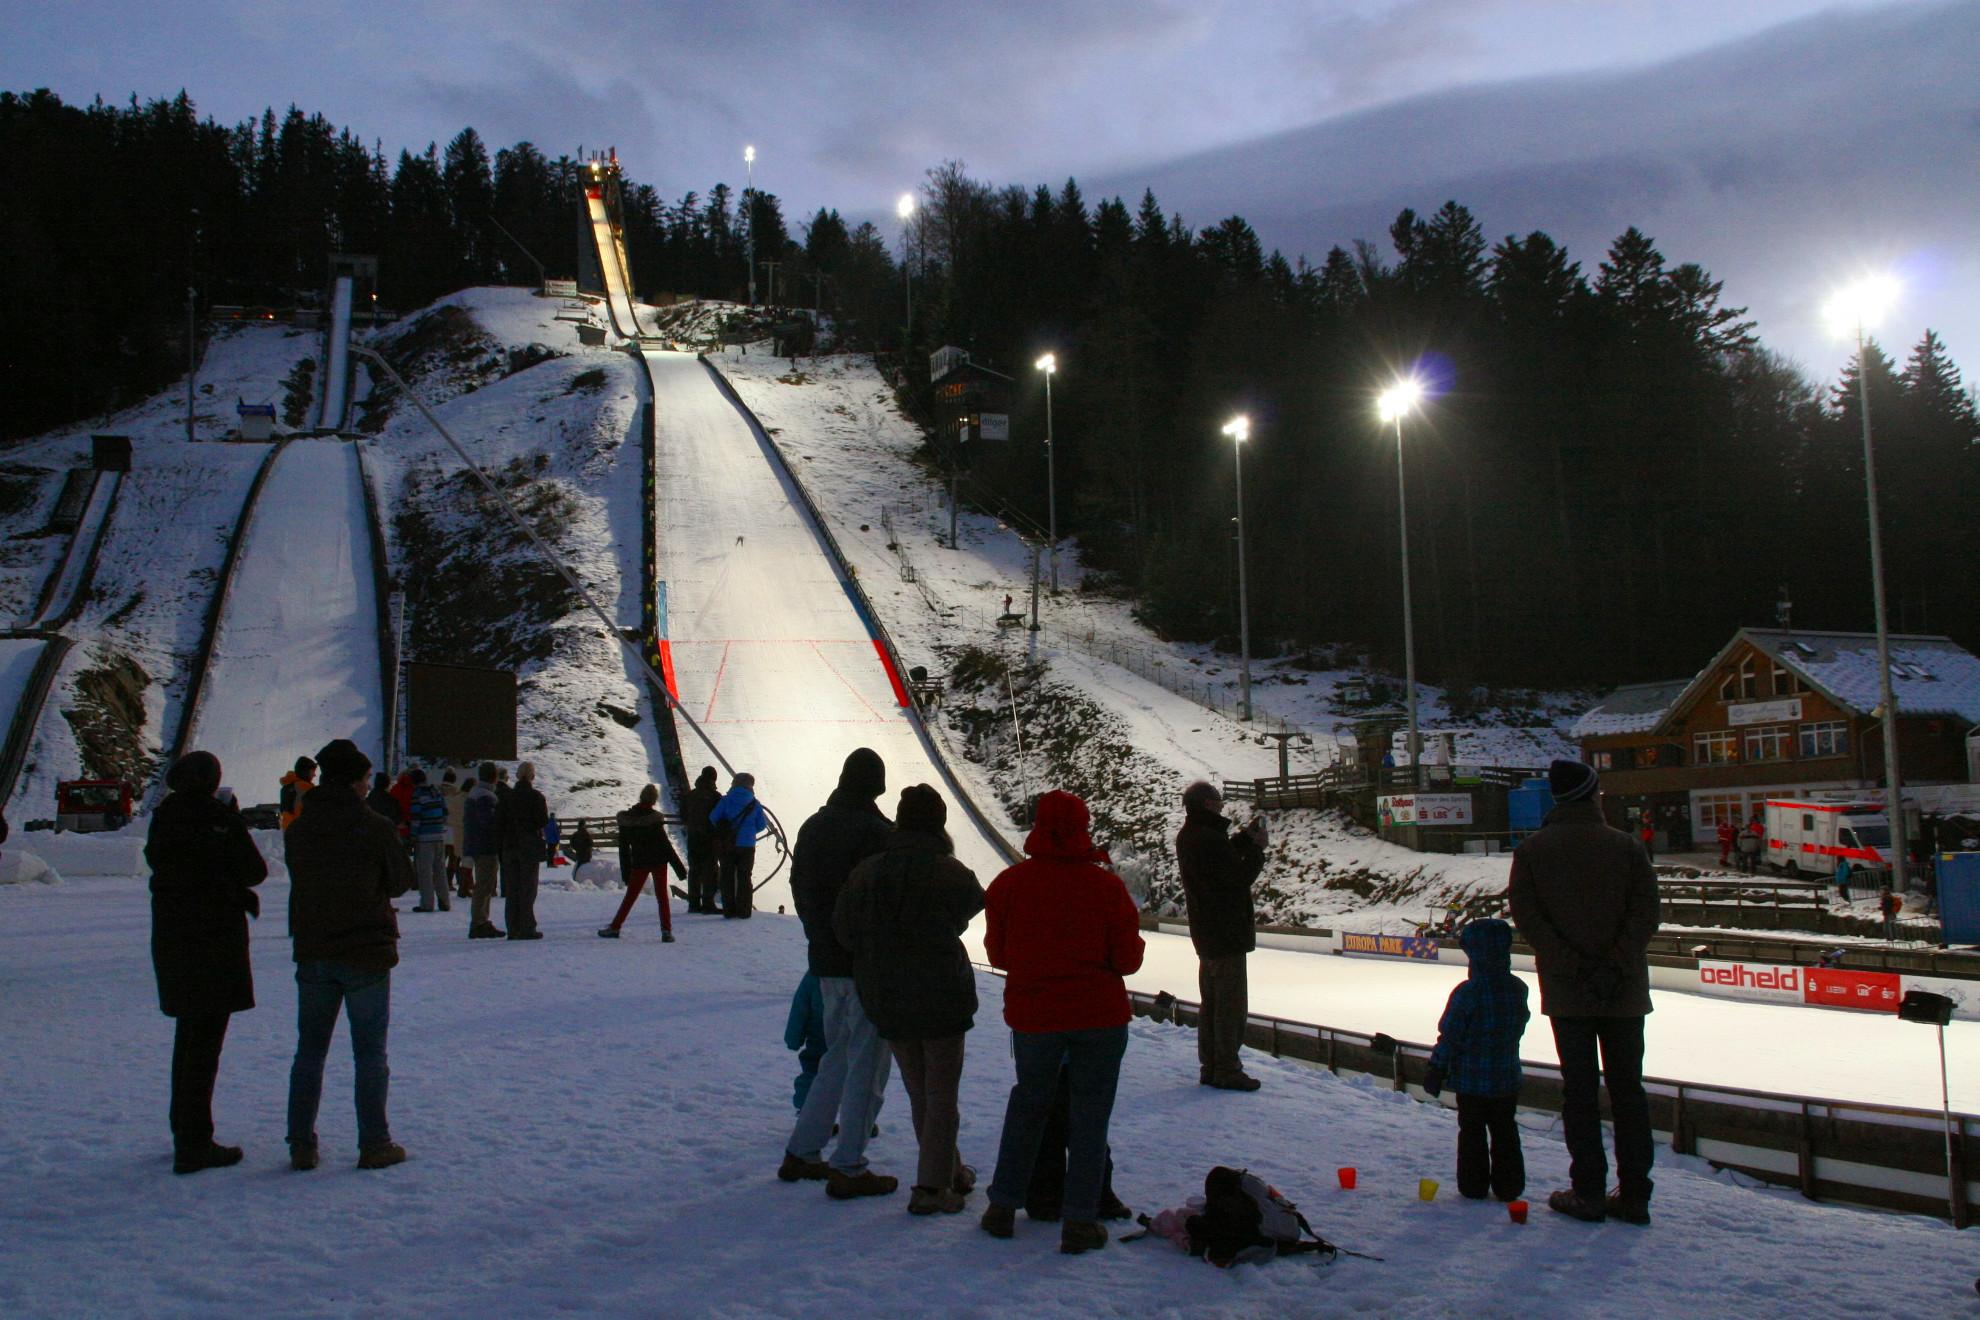 Adler-Skistadion Hinterzarten Winter Abend